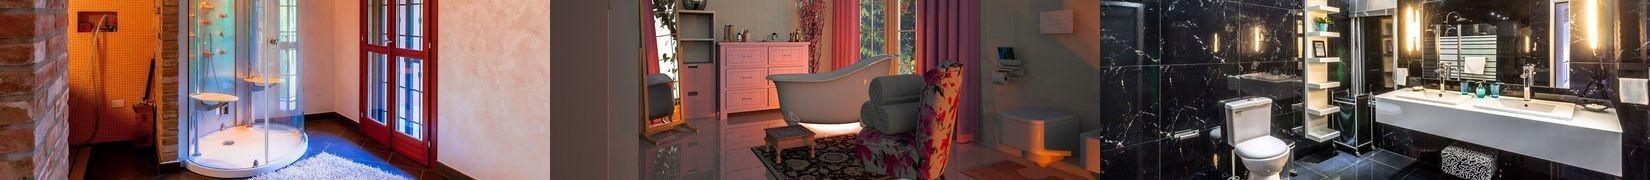 Wytrzymałe, antypoślizgowe dywaniki do łazienki.